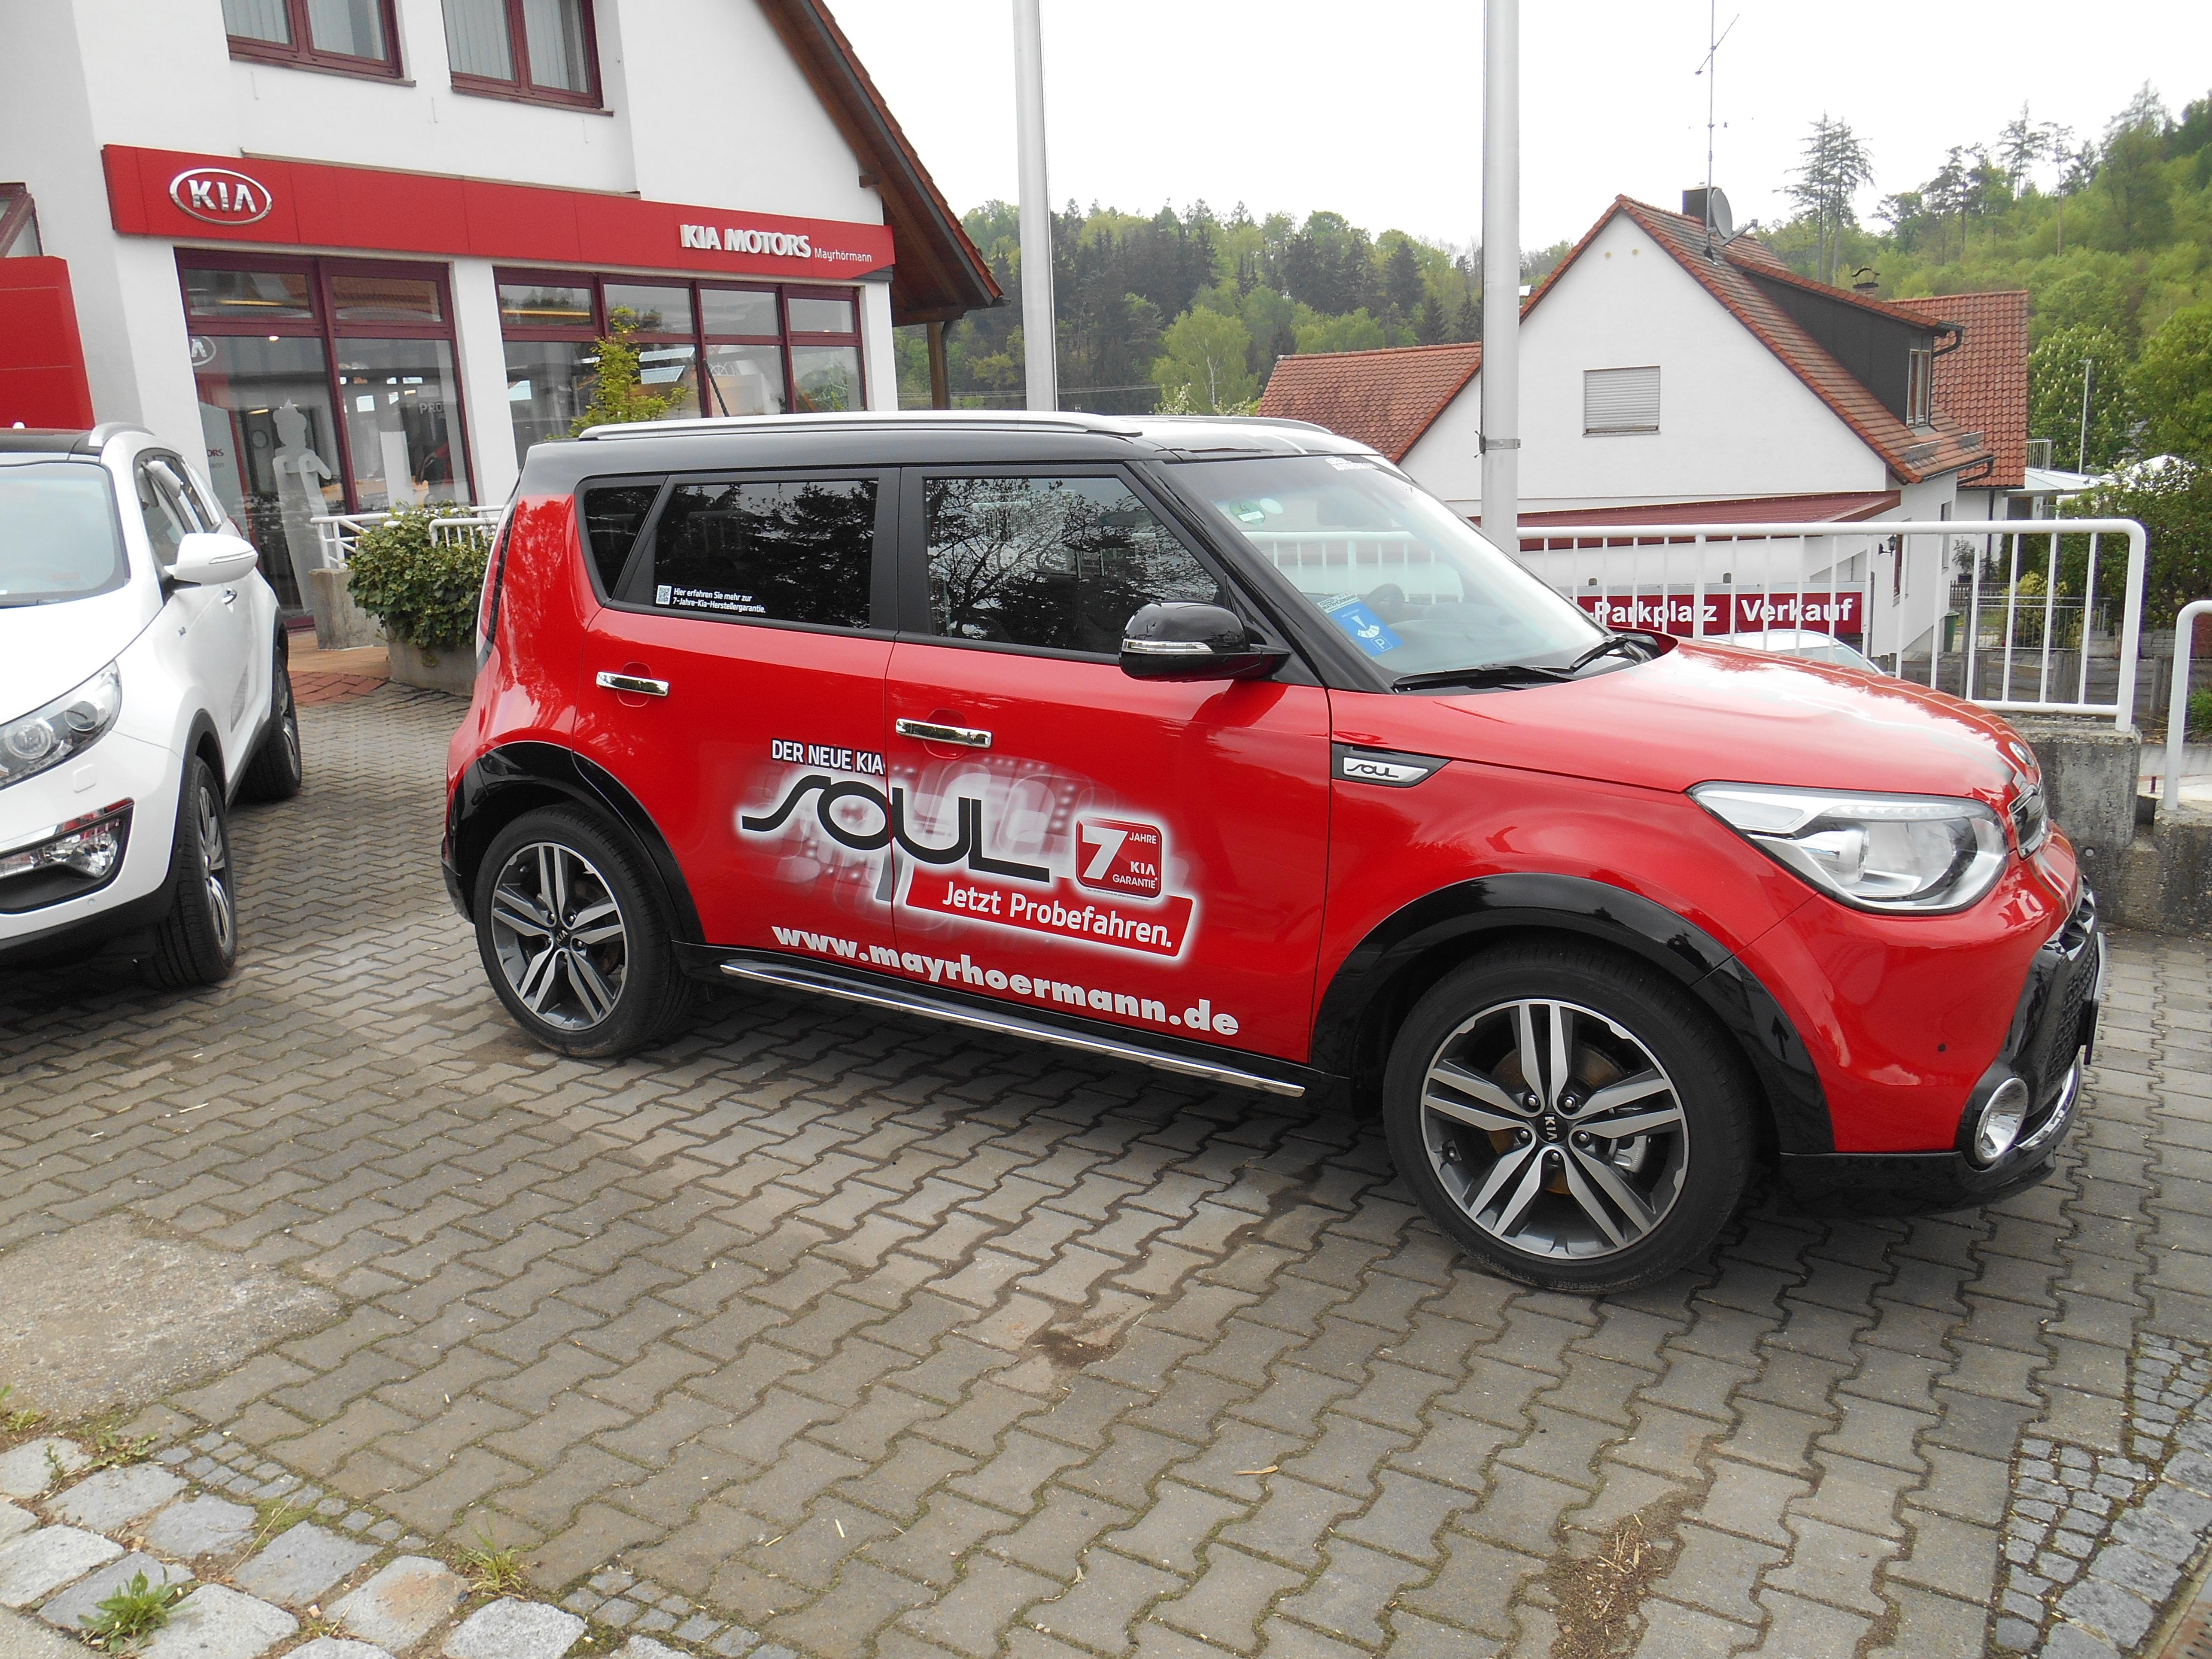 KIA AUGSBURG Kia Autohaus Augsburg Autohaus